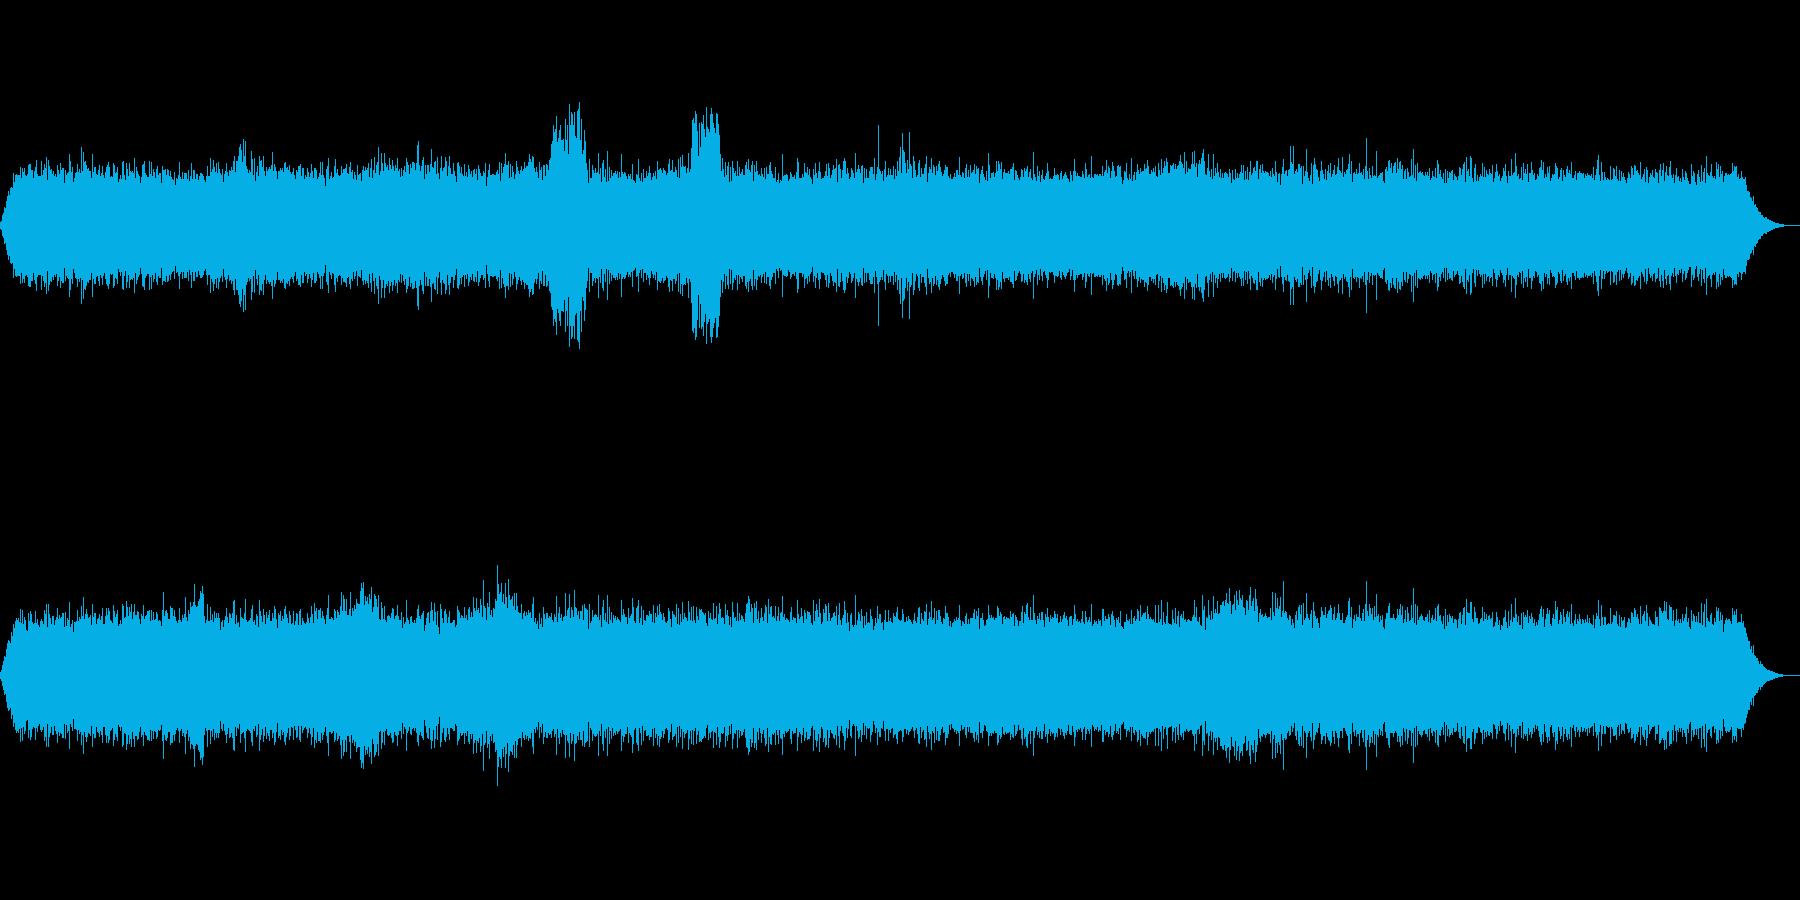 【ザー】ラジオのノイズ音の再生済みの波形